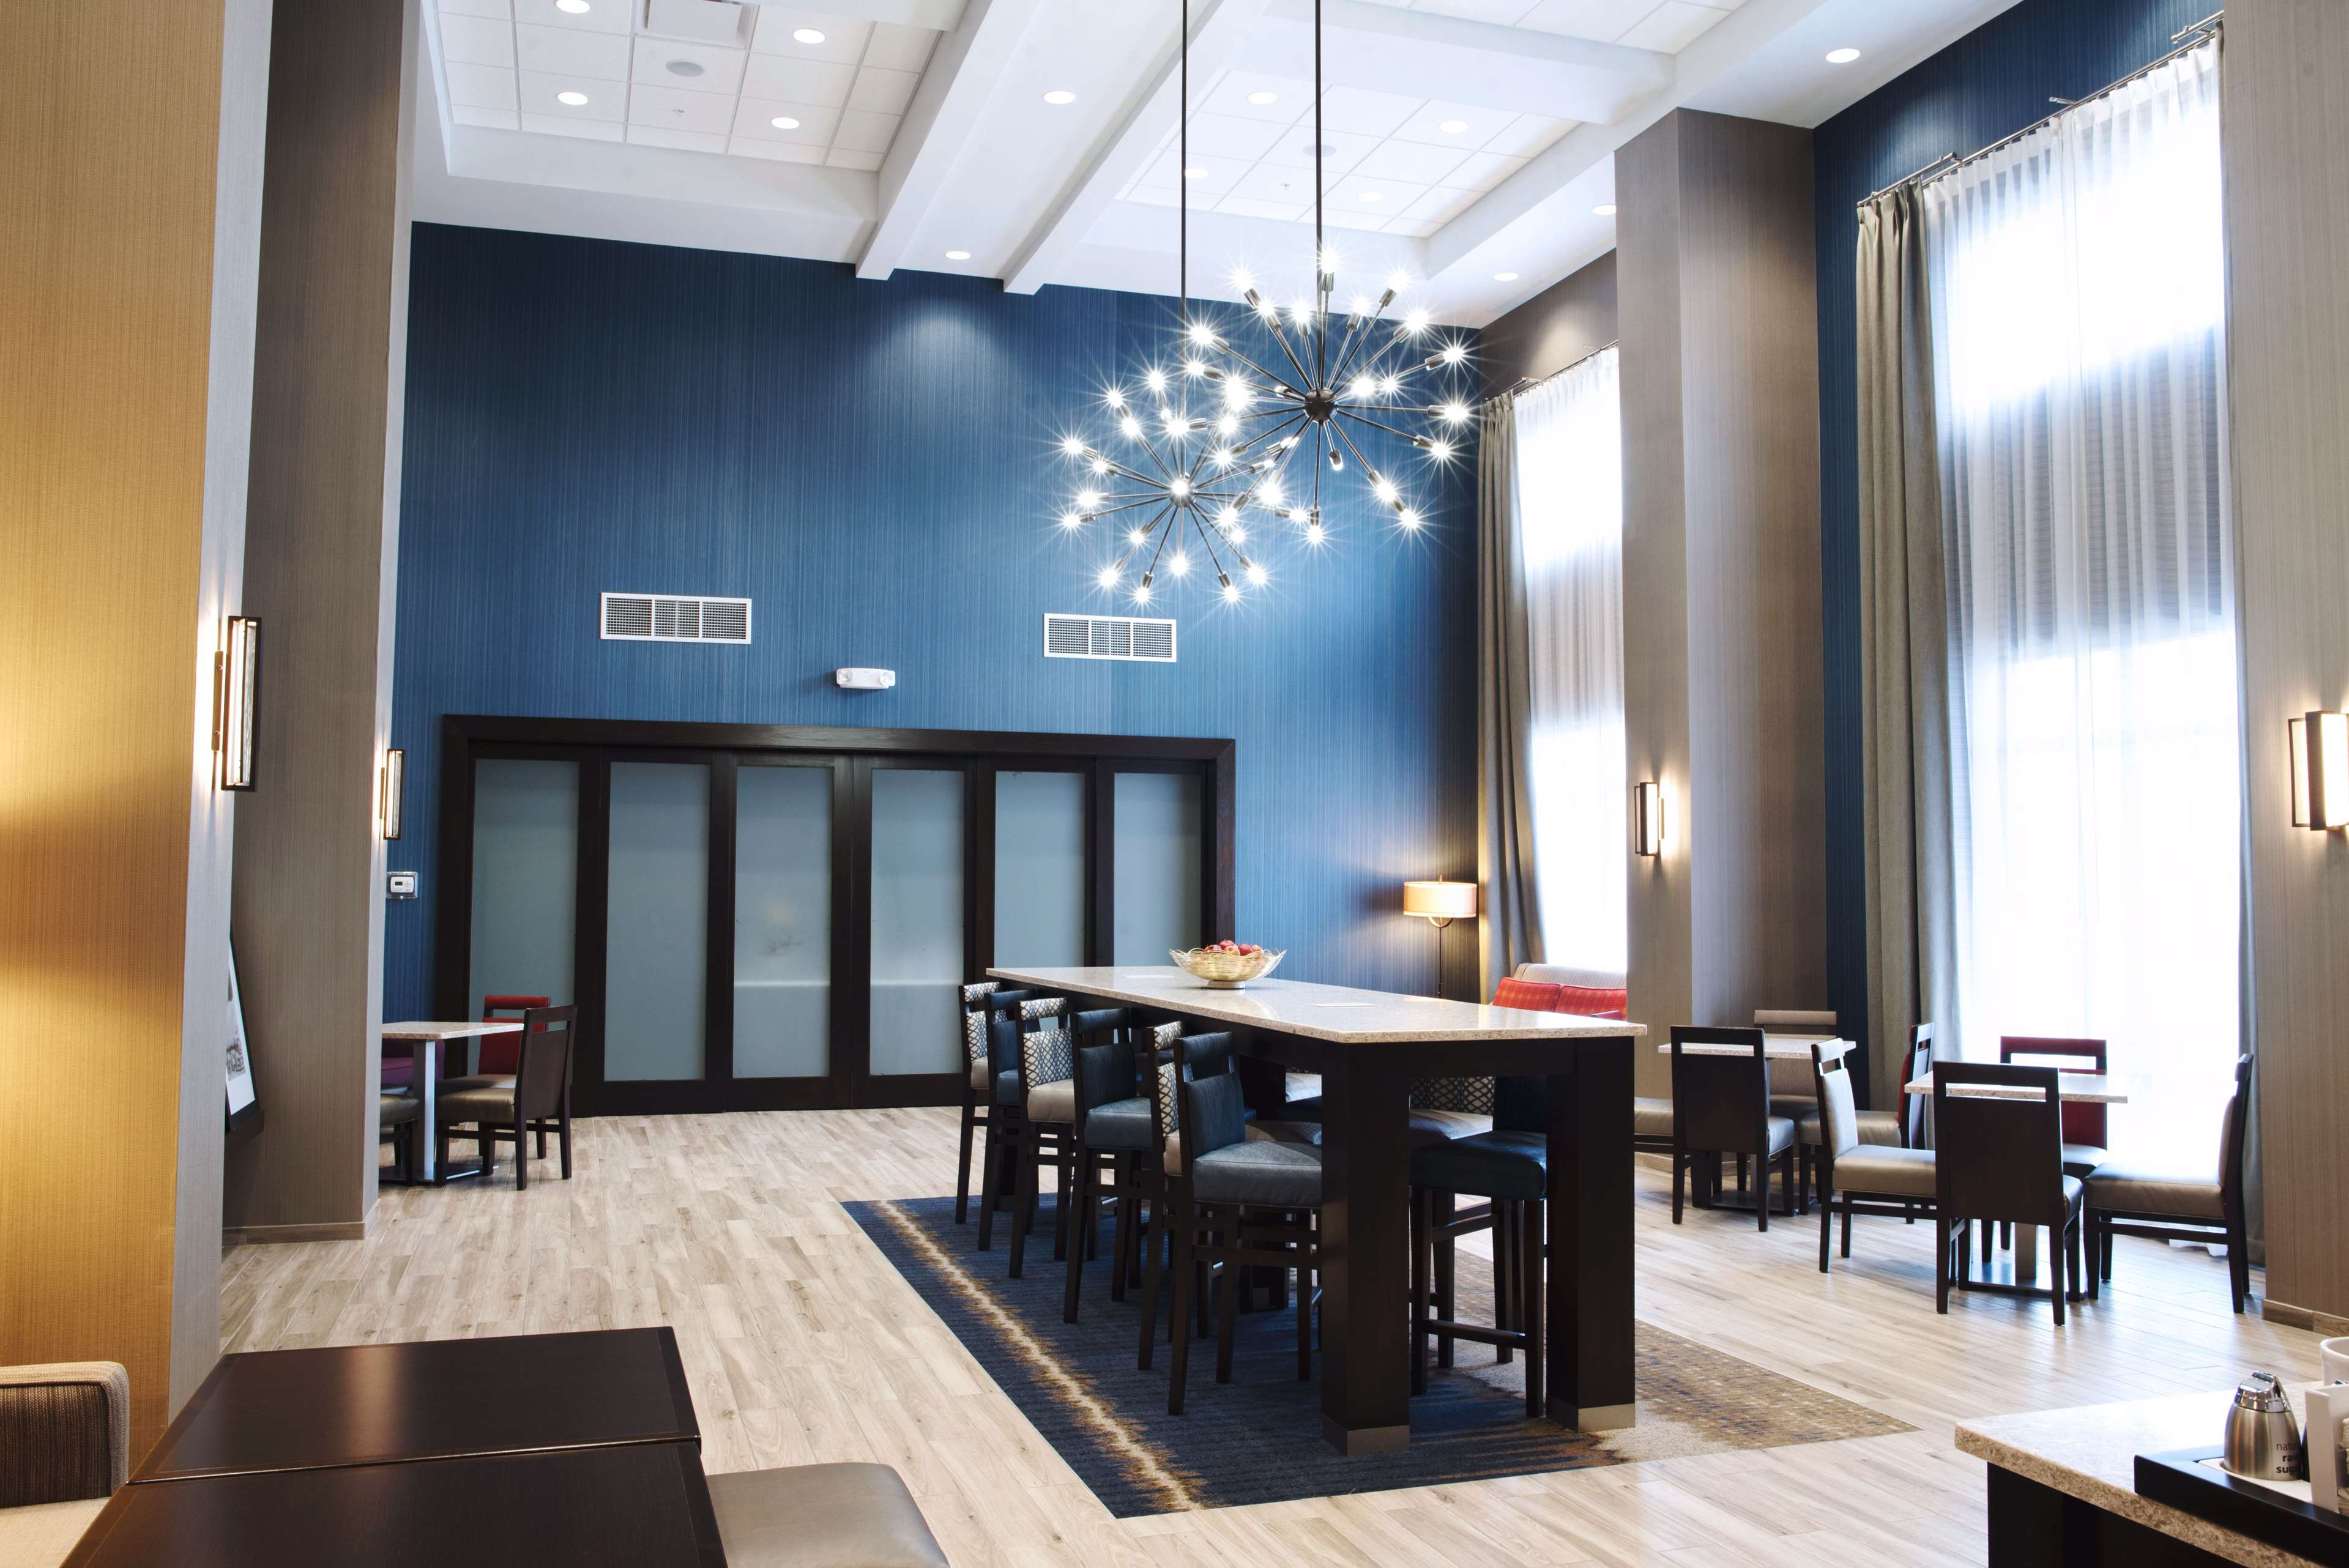 Hampton Inn & Suites Des Moines/Urbandale image 4